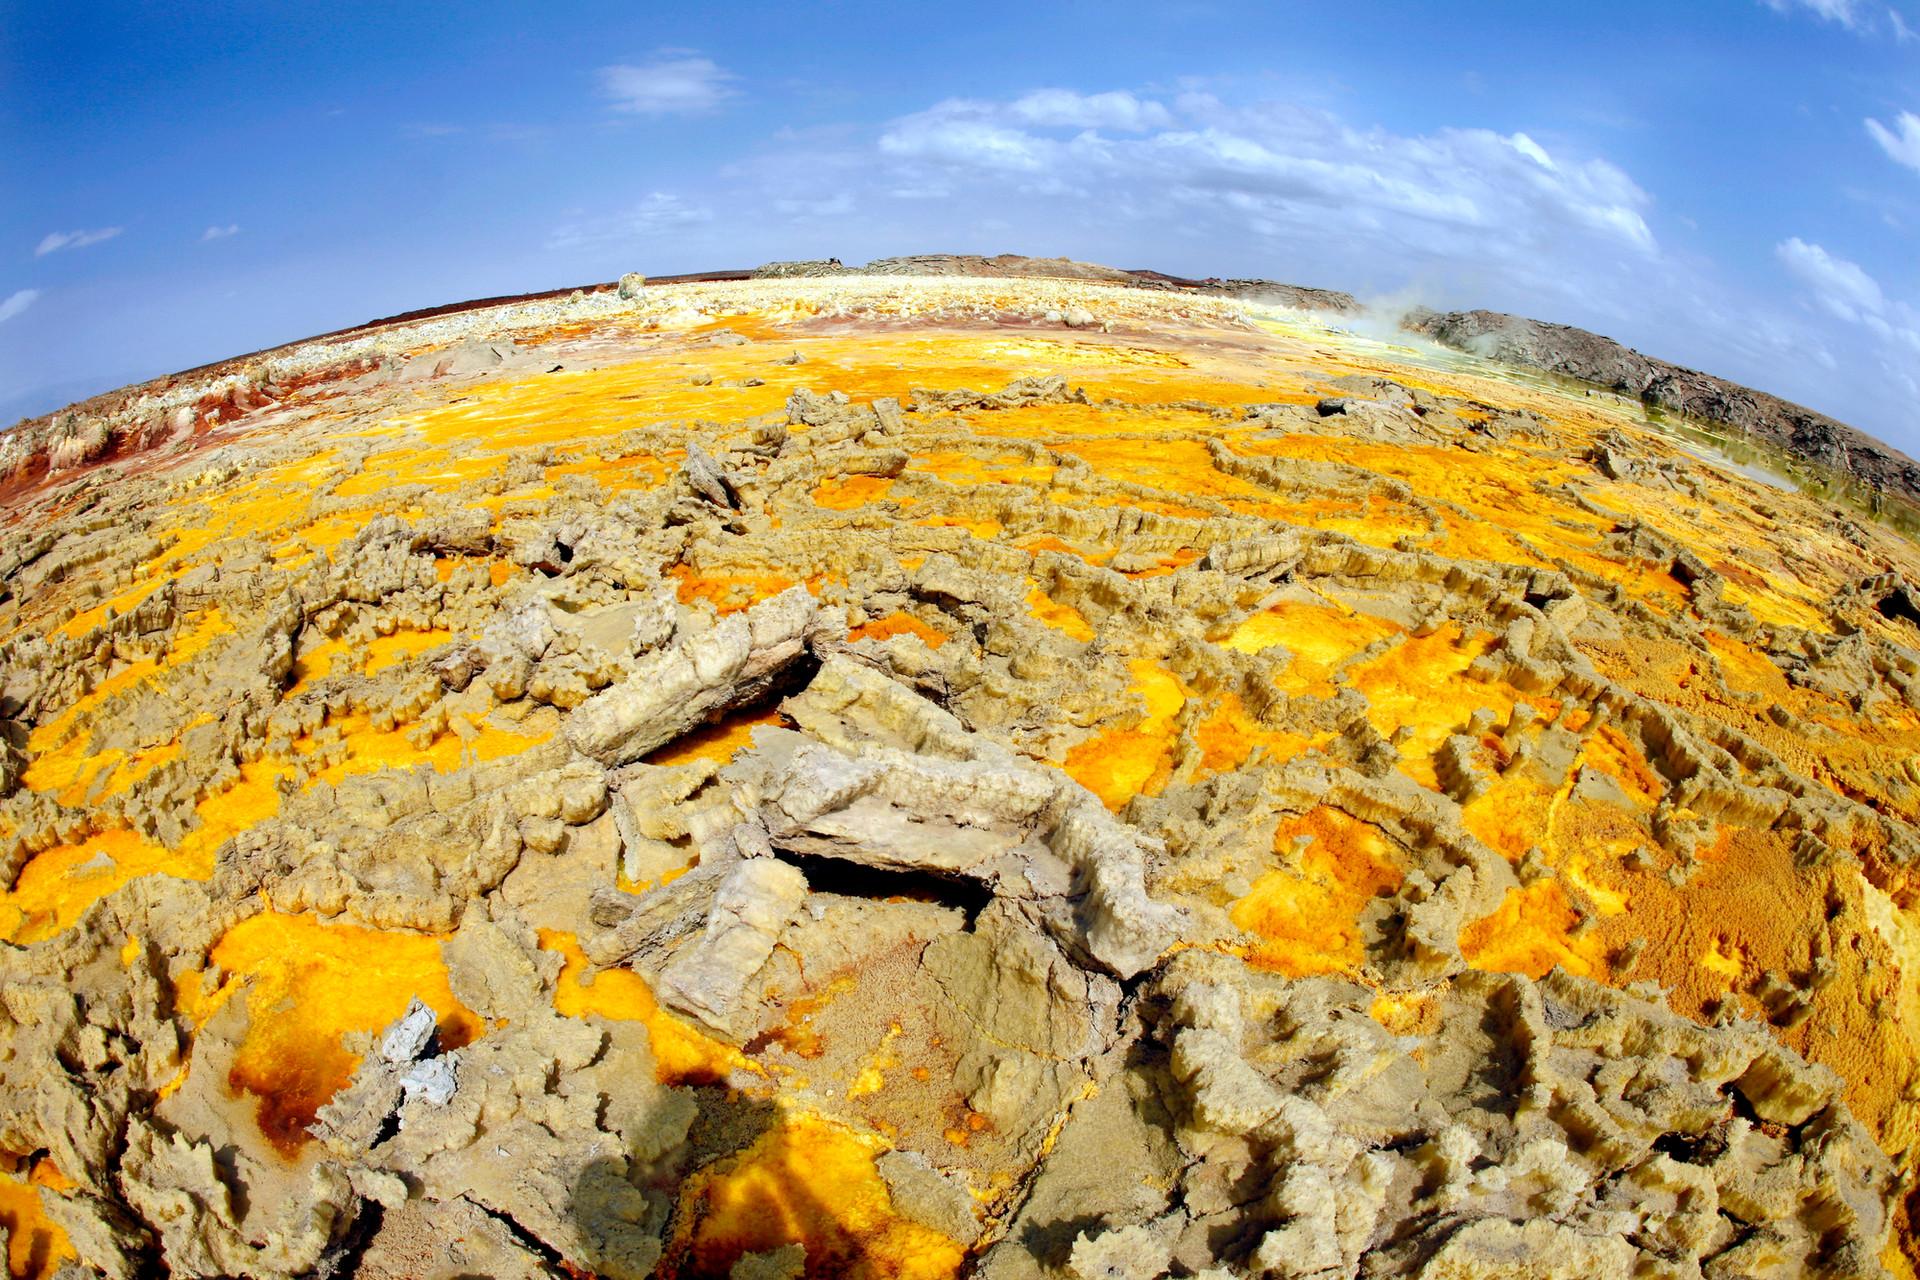 Etiopia. Dallol-Dancalia